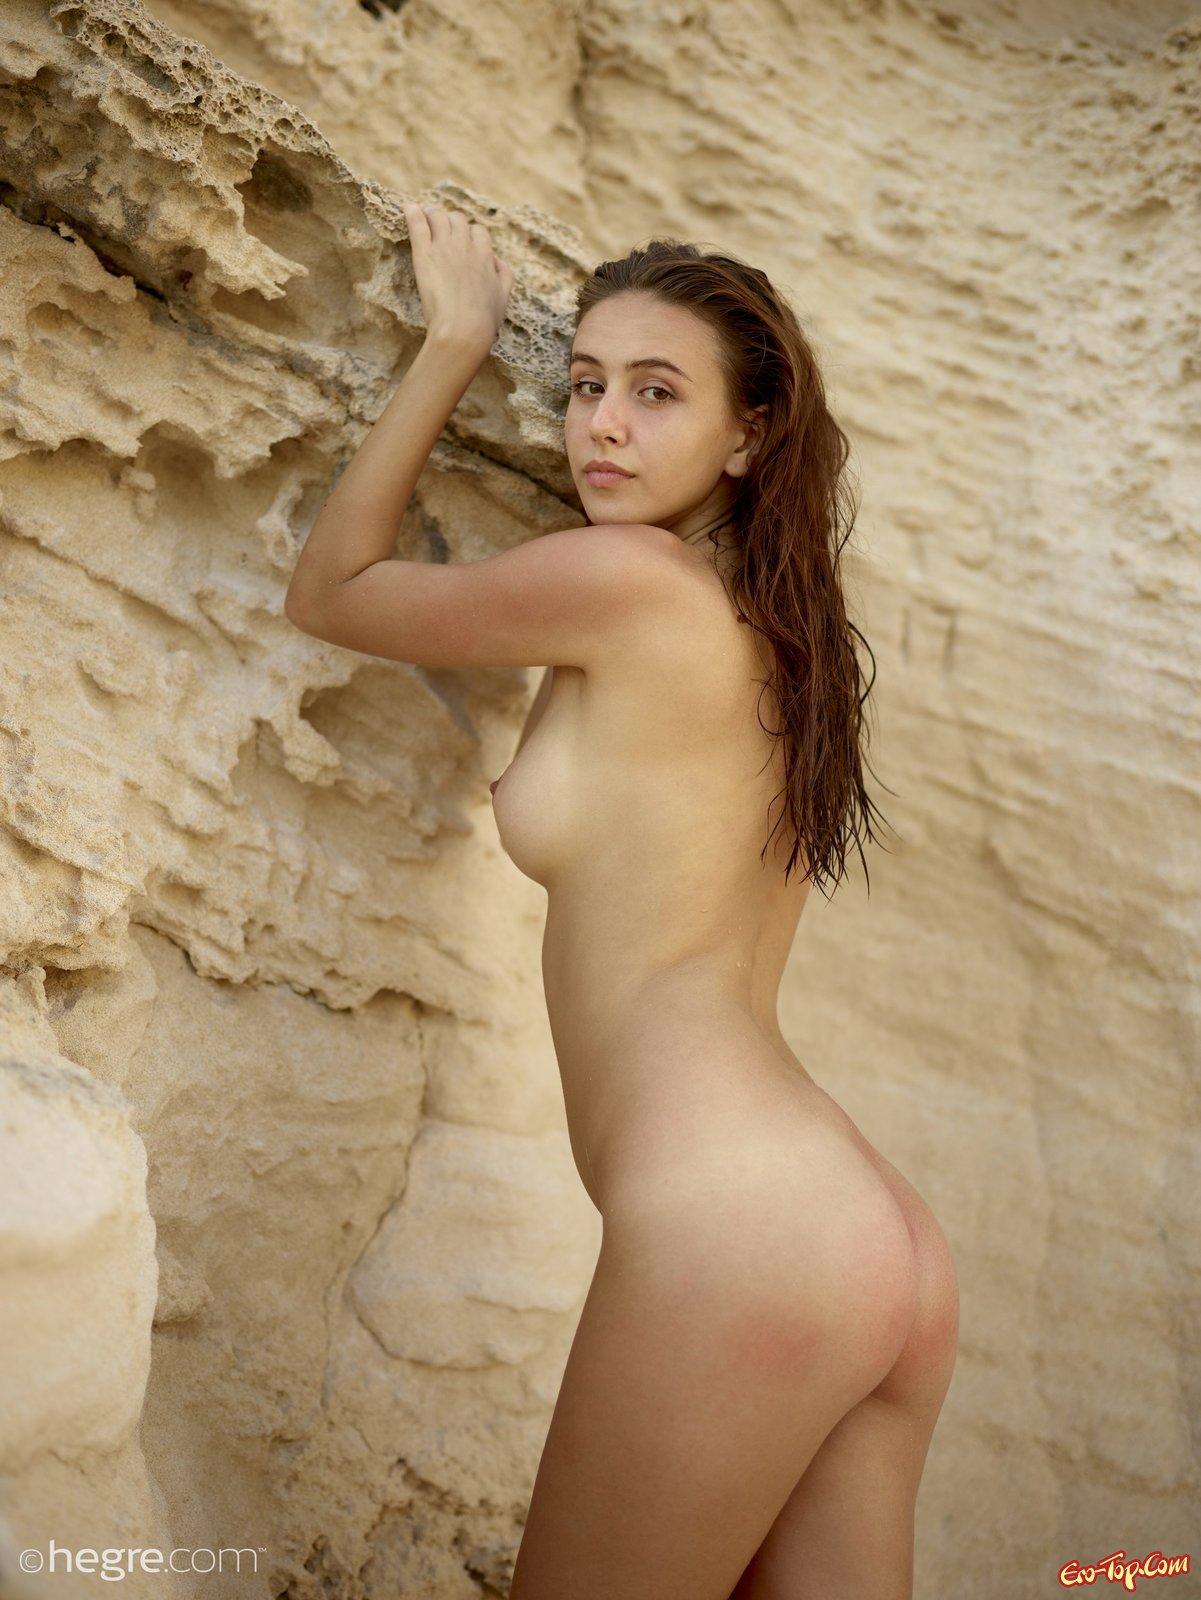 Путана с без бикини грудями и стриженной пиздой у скалы